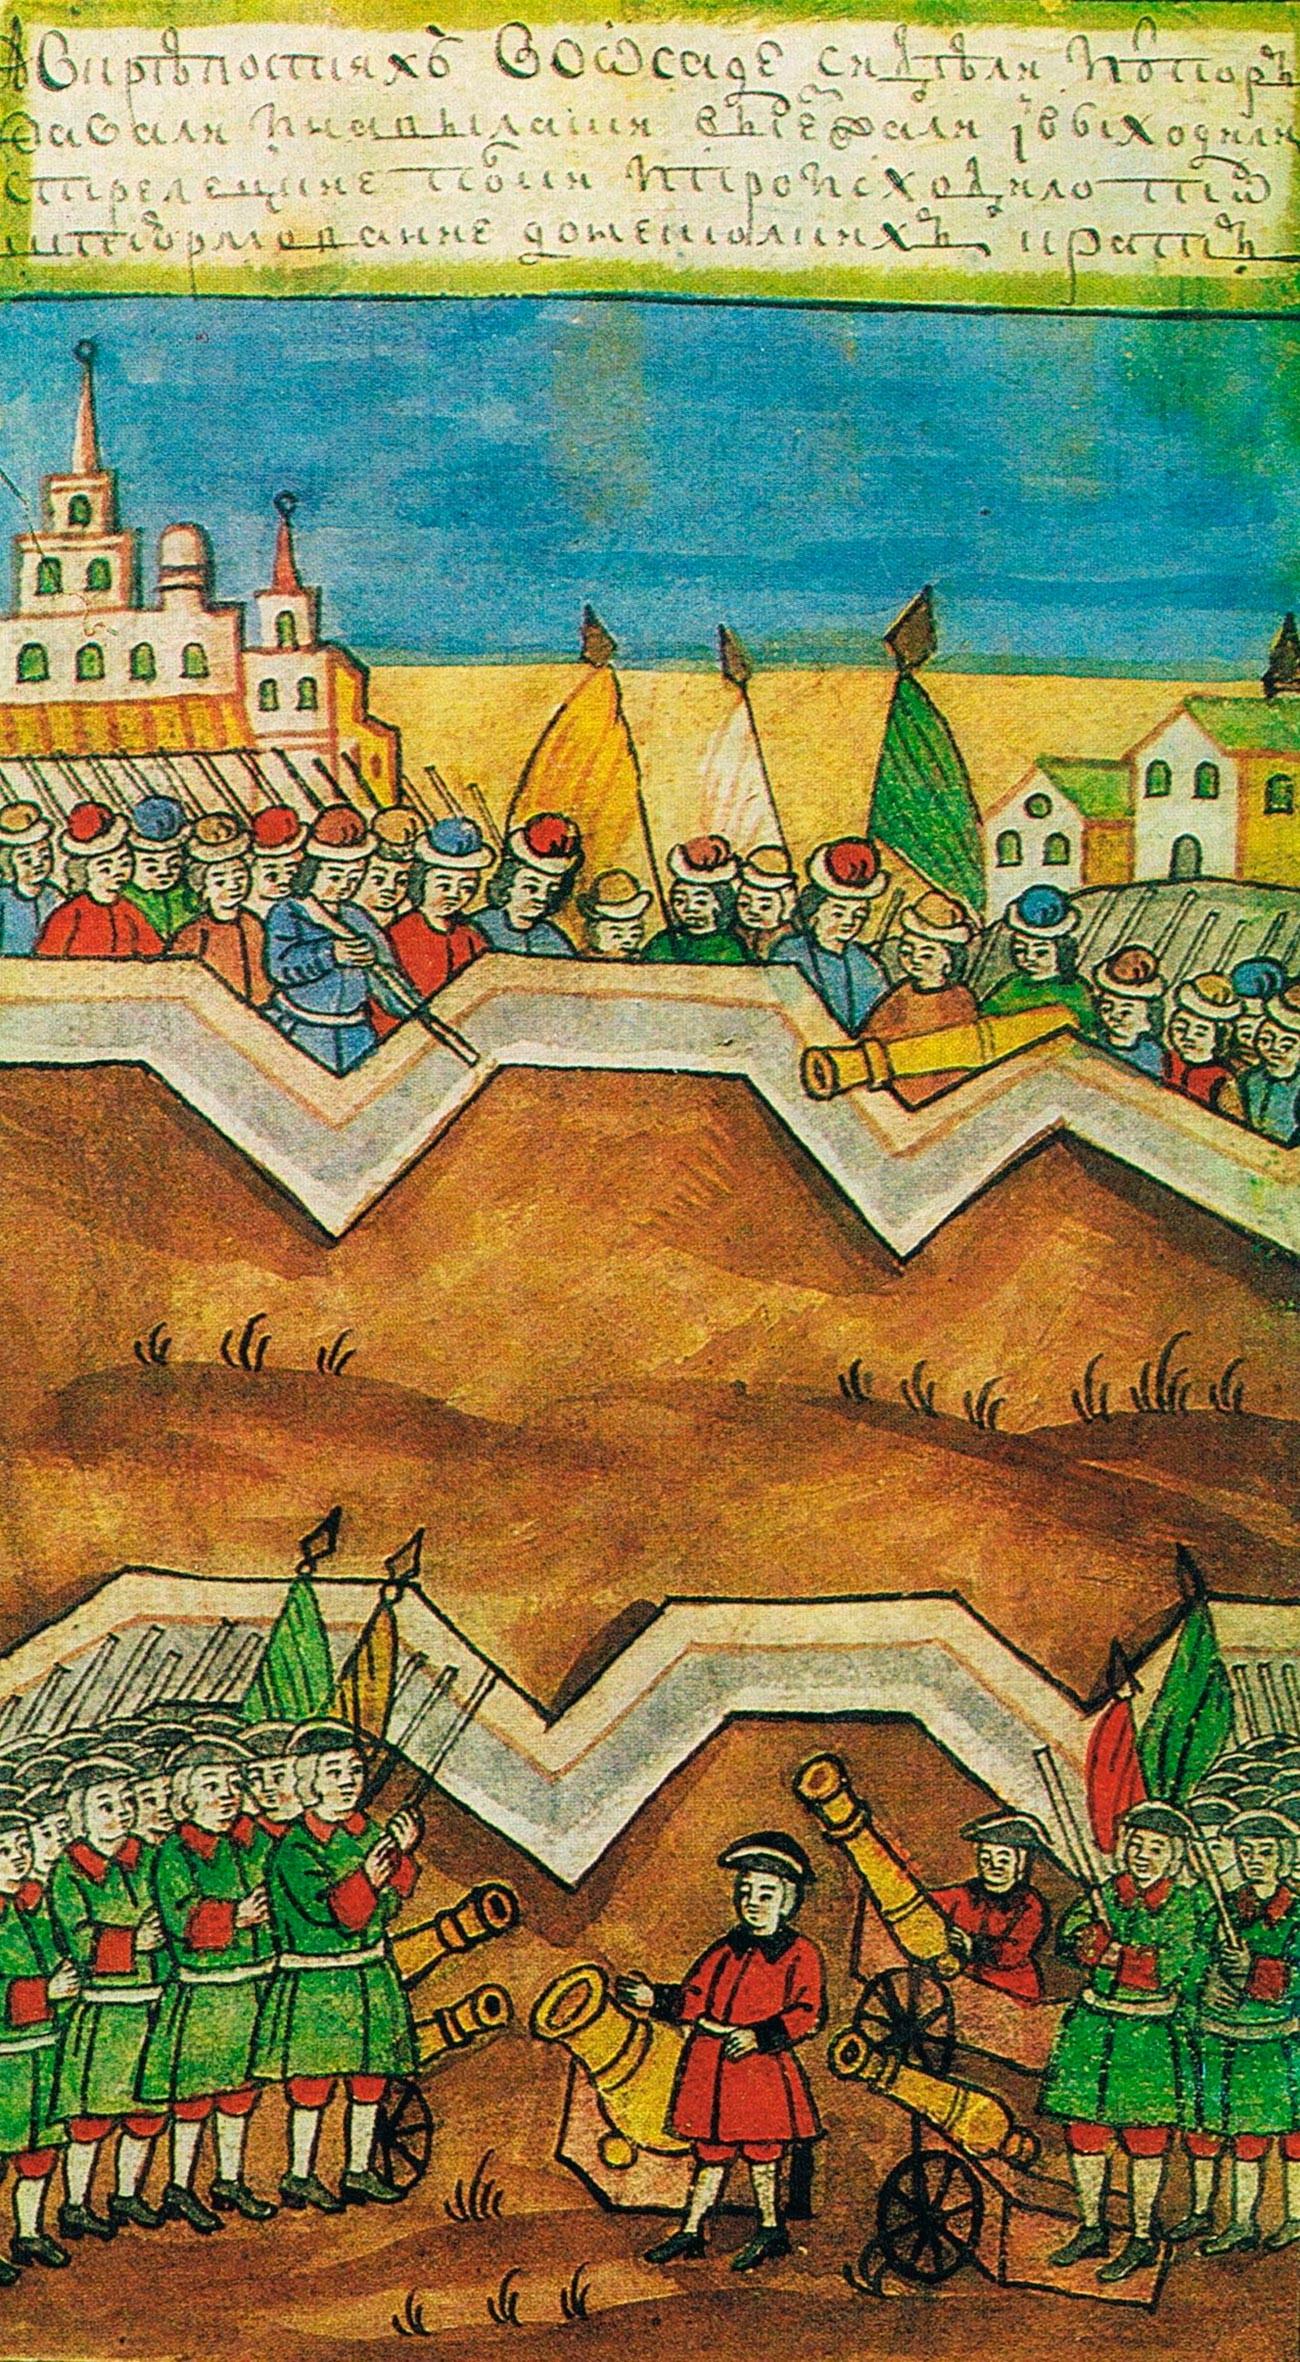 Una miniatura dal manoscritto